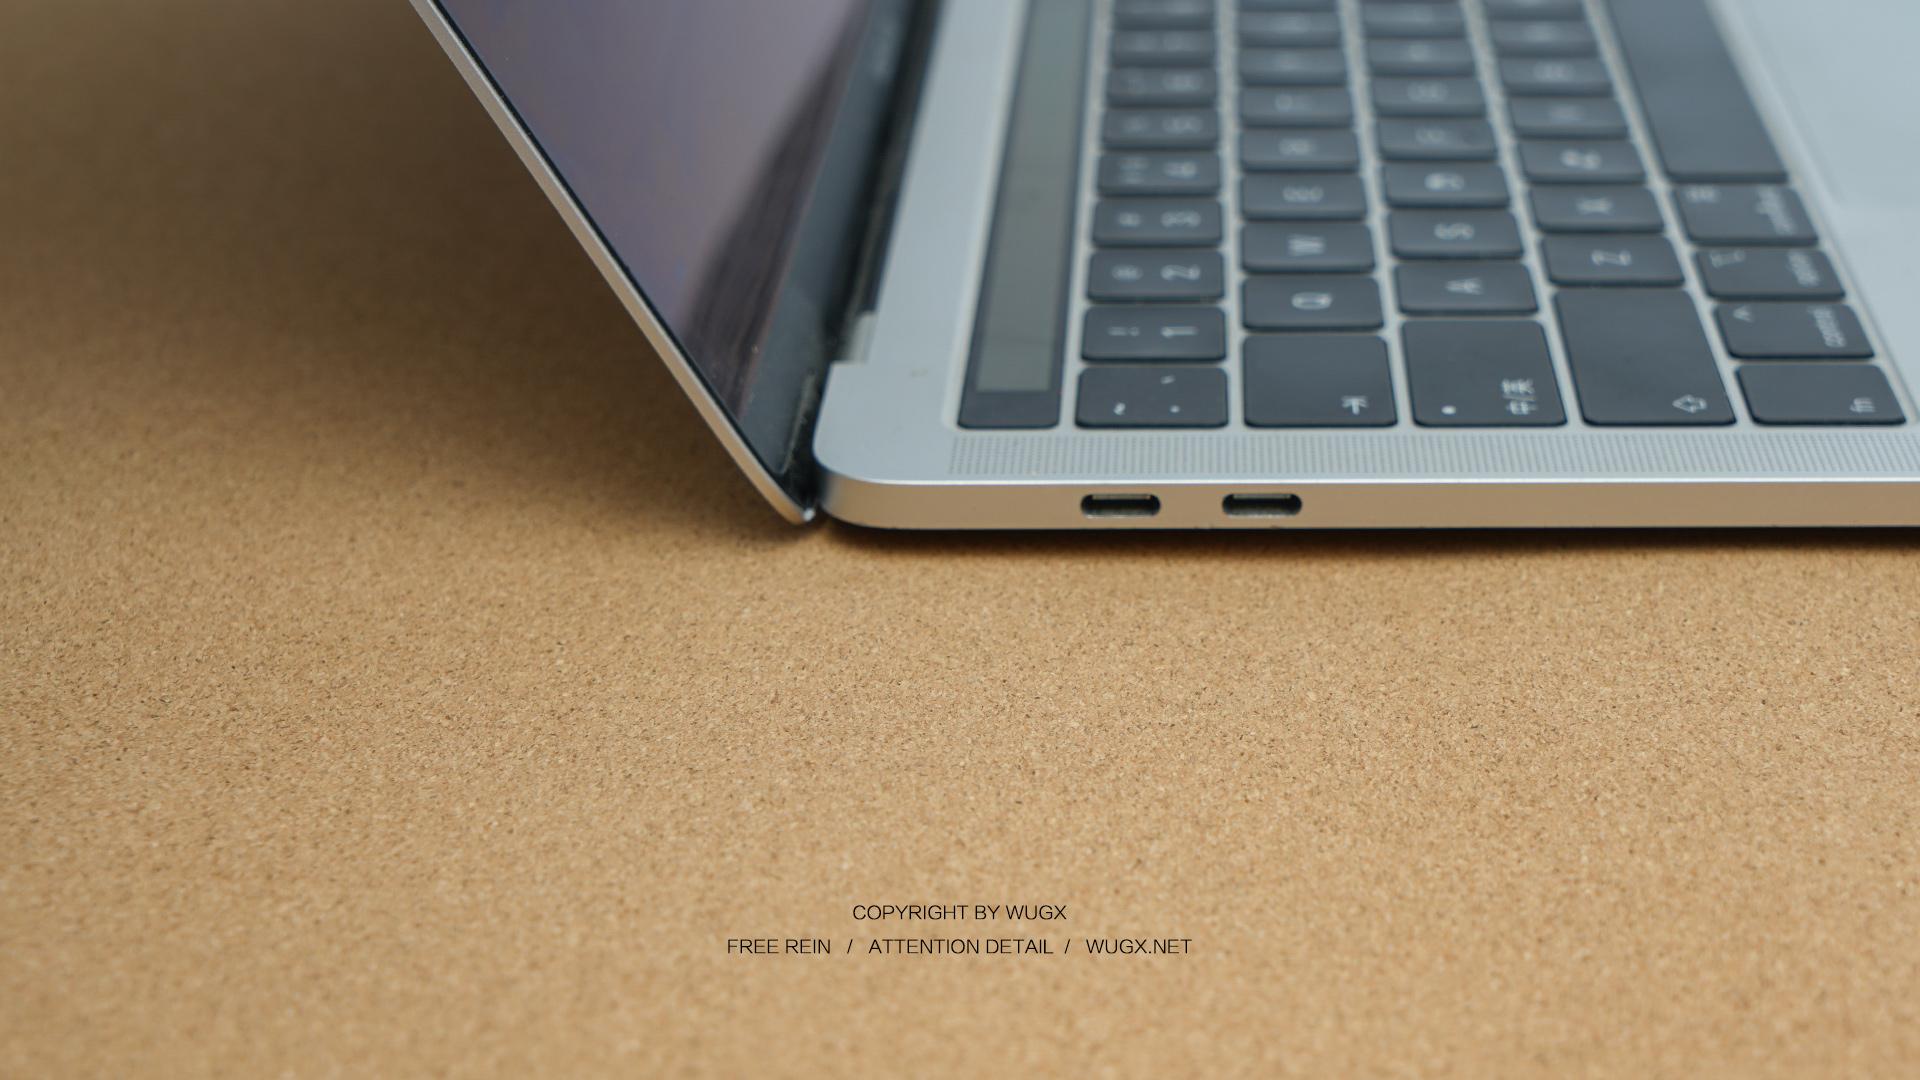 远看是硬实木 其实手感是柔软的皮革的双面桌面鼠标垫  图片 科技 评测 第7张